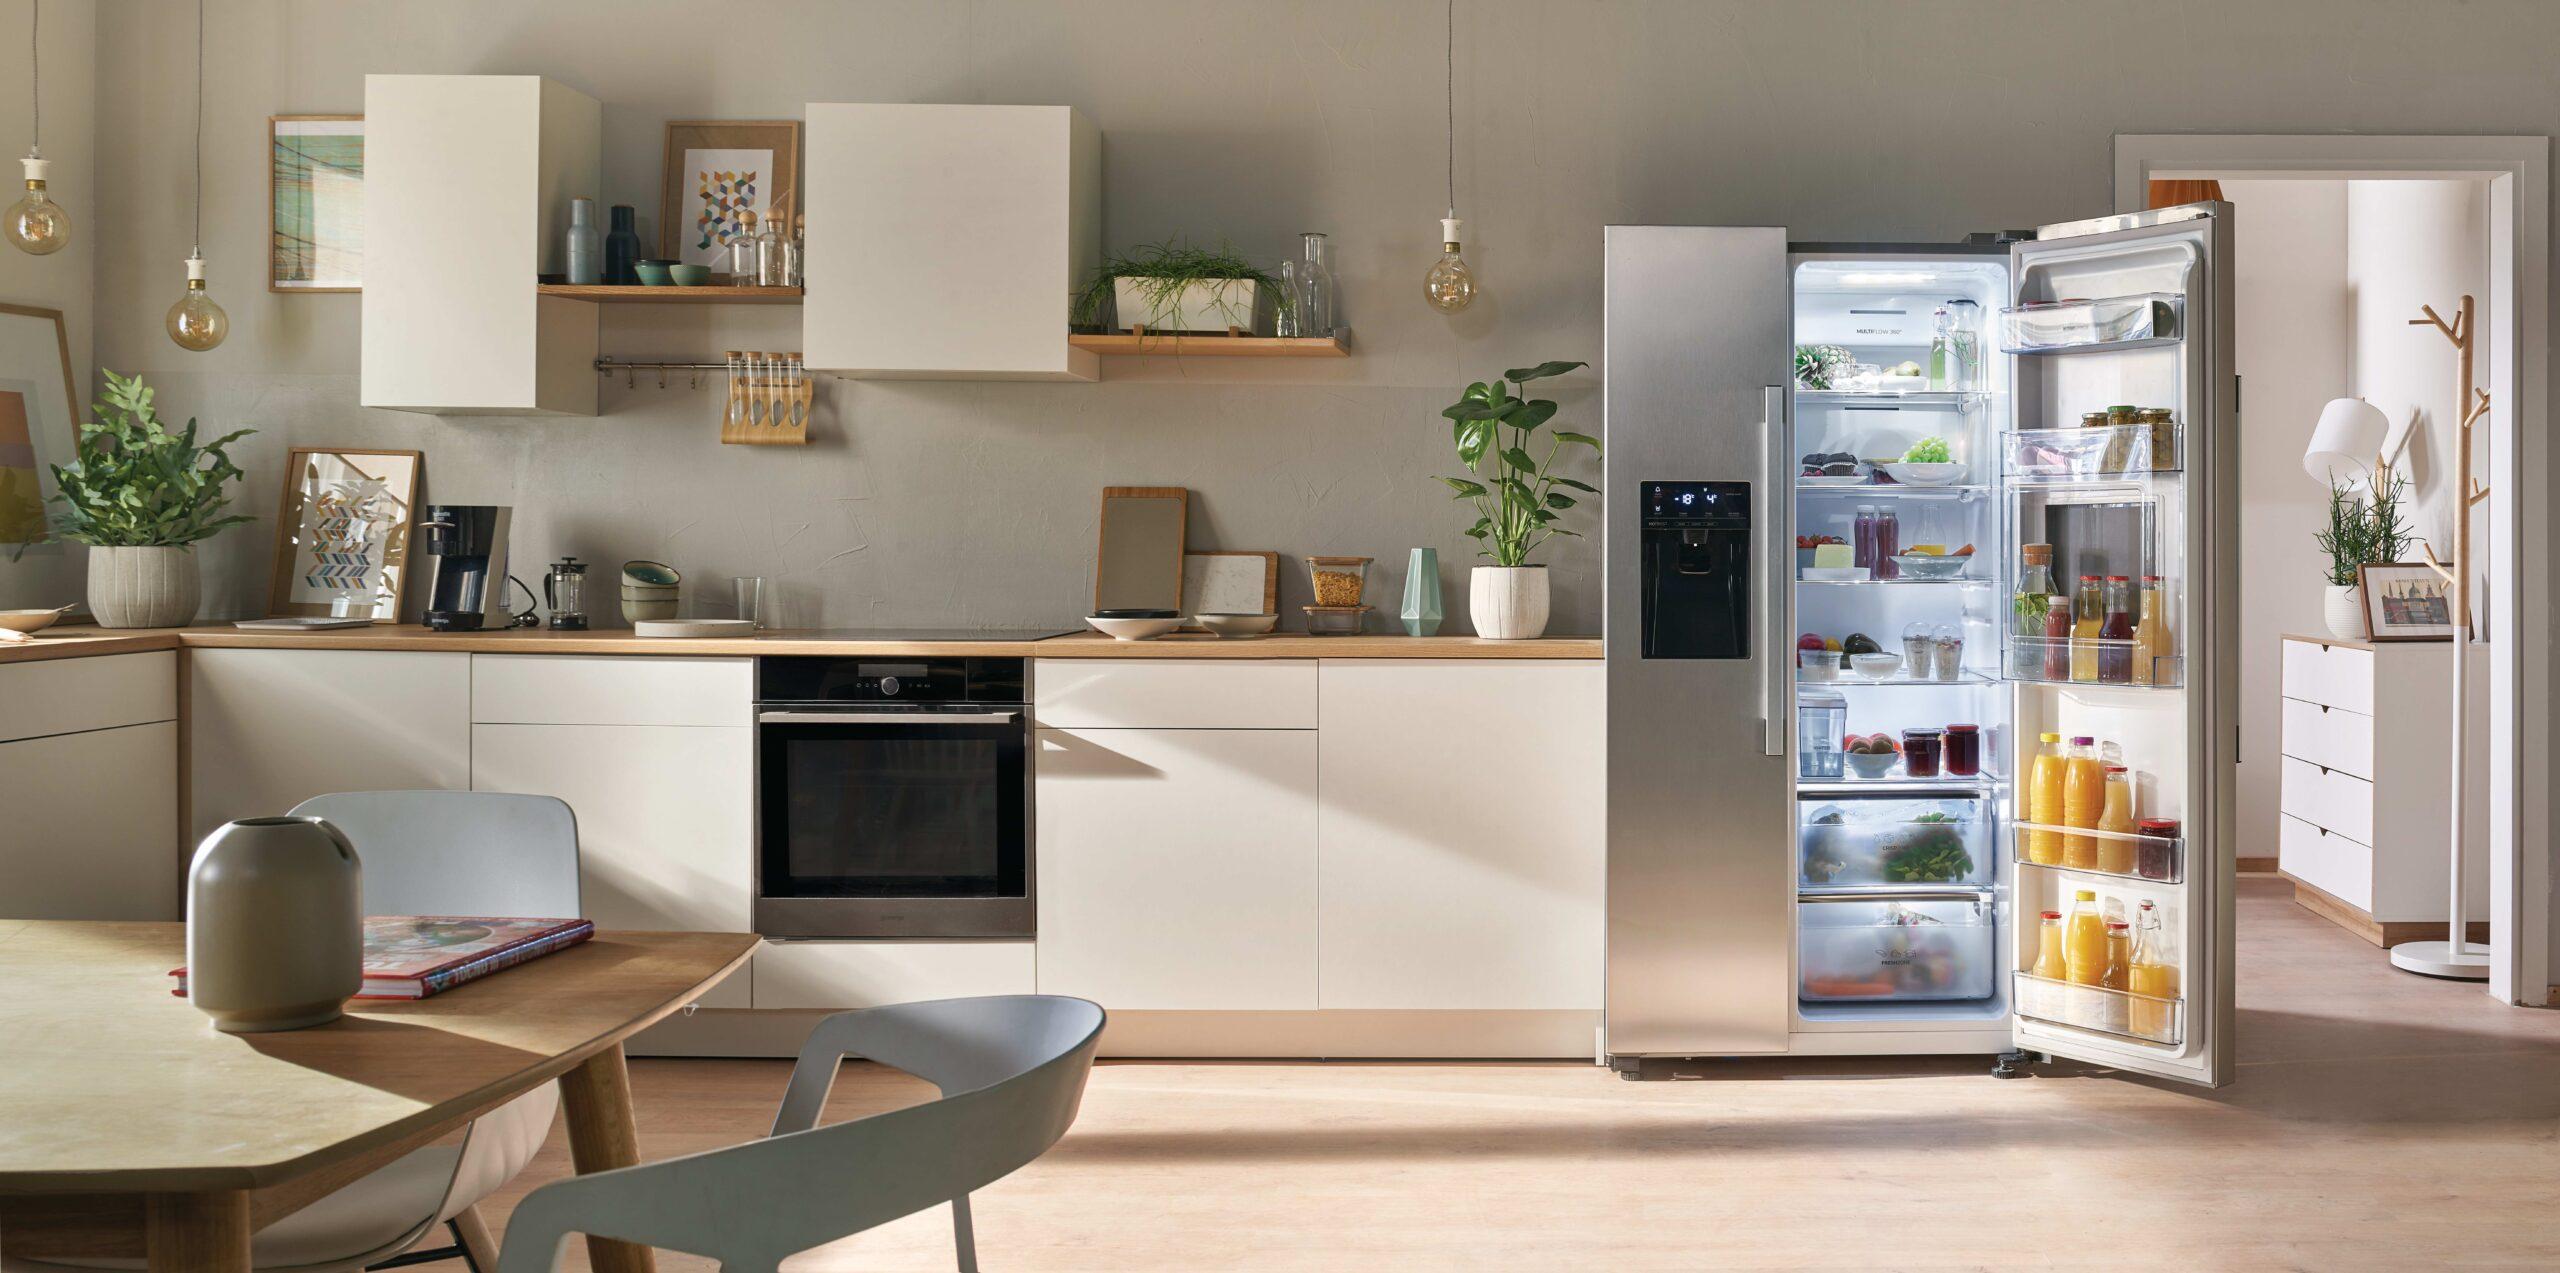 Как выбрать холодильник, который не шумит?